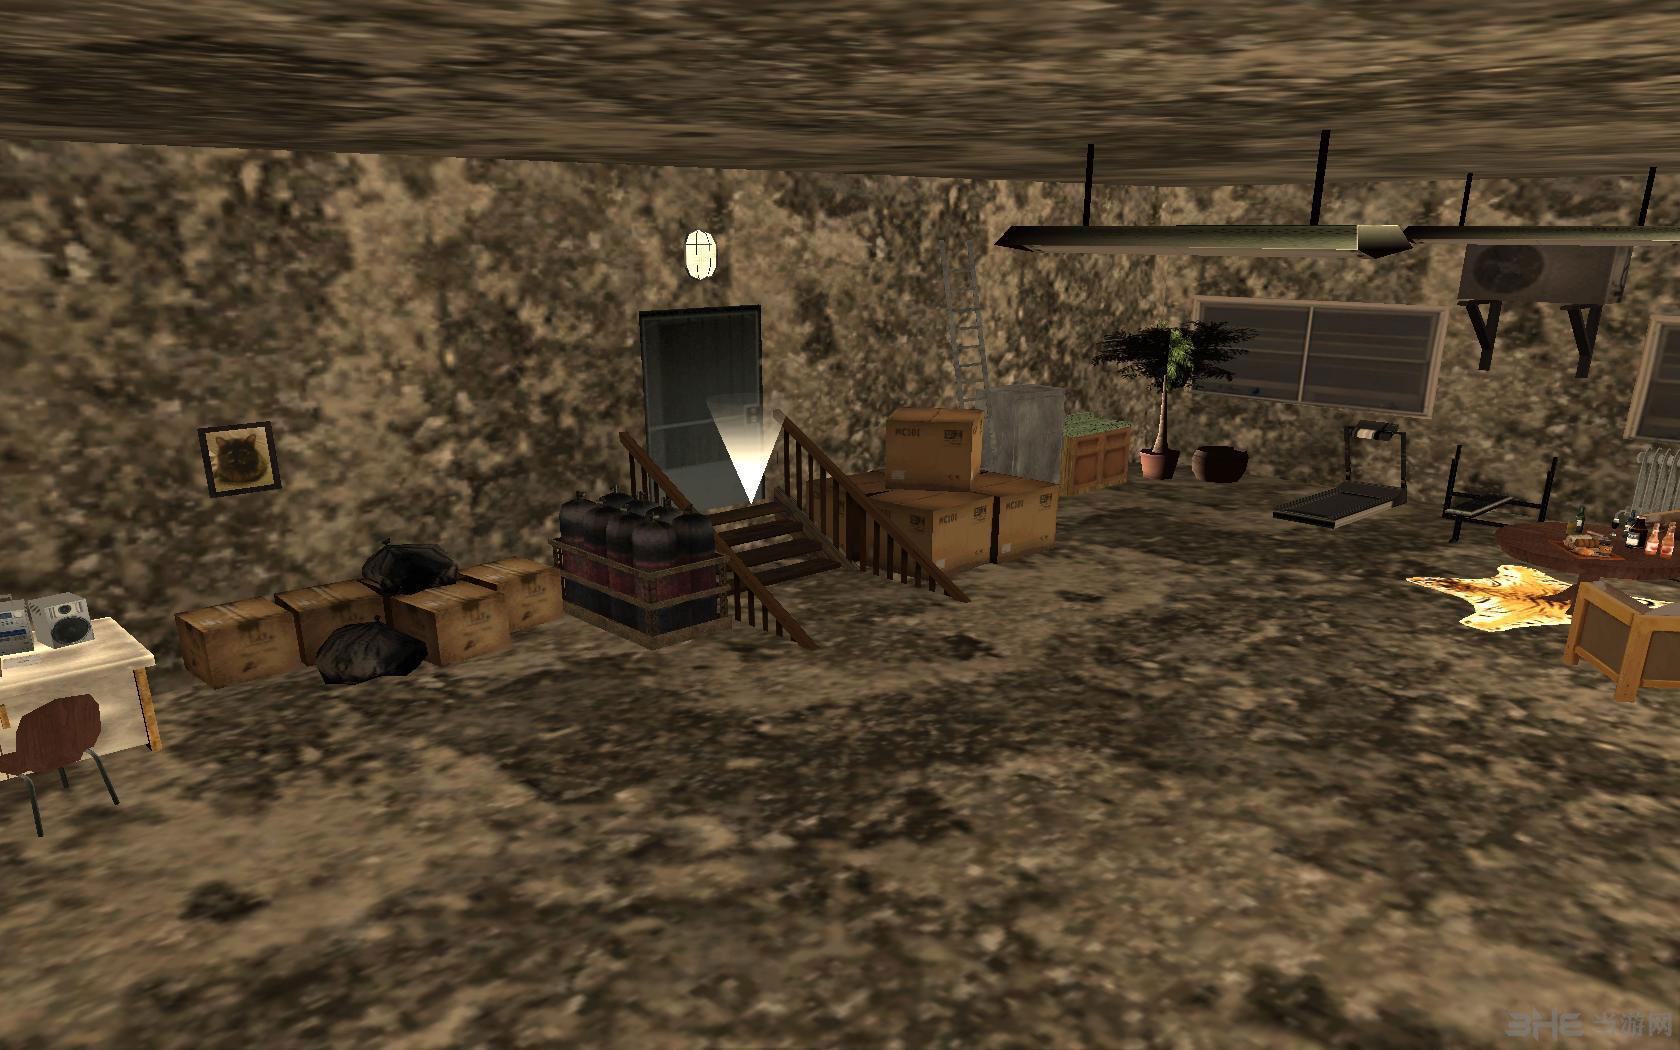 侠盗猎车手圣安地列斯地下室地图MOD截图8